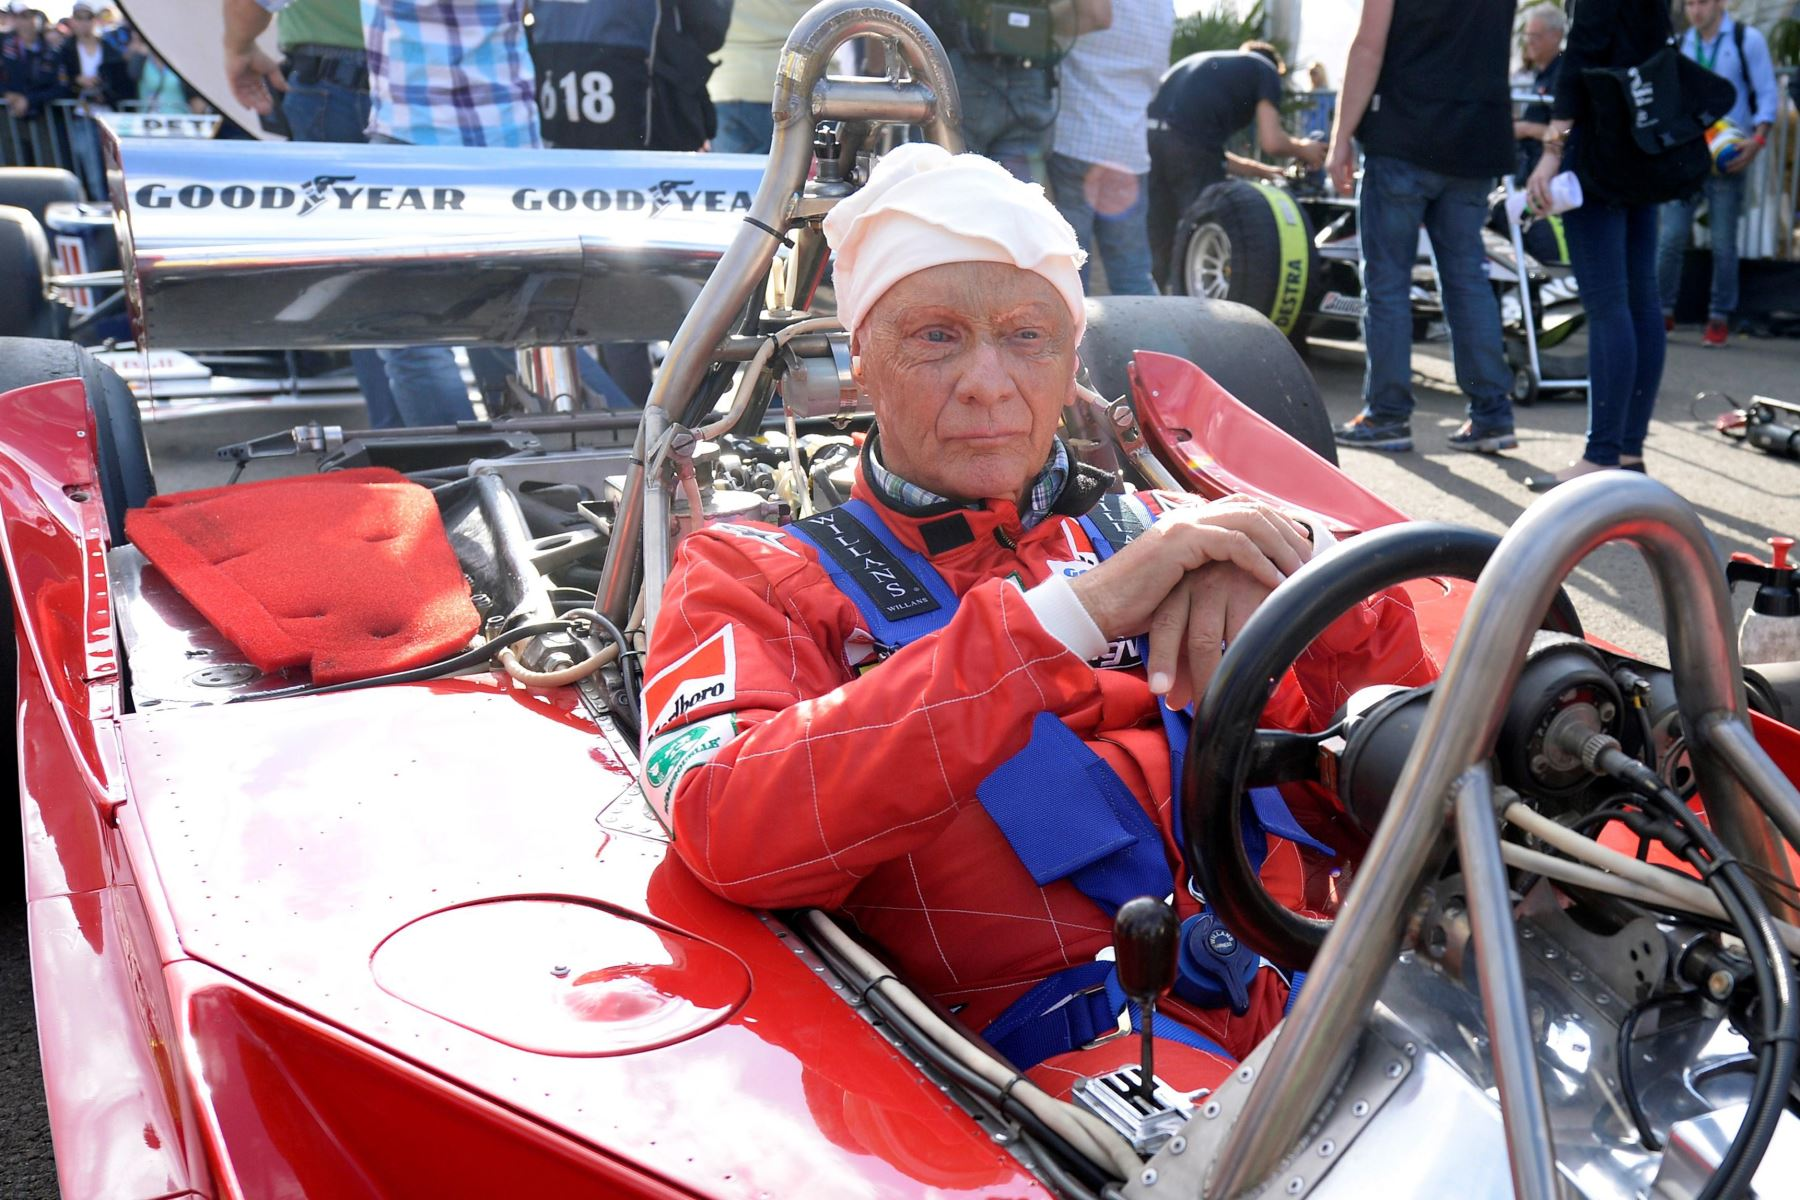 Fotografía de archivo realizada el 21 de junio de 2014 que muestra al expiloto de Fórmula Uno Niki Lauda en la carrera de las leyendas de Red Bull en Spielberg (Austria).Foto: EFE